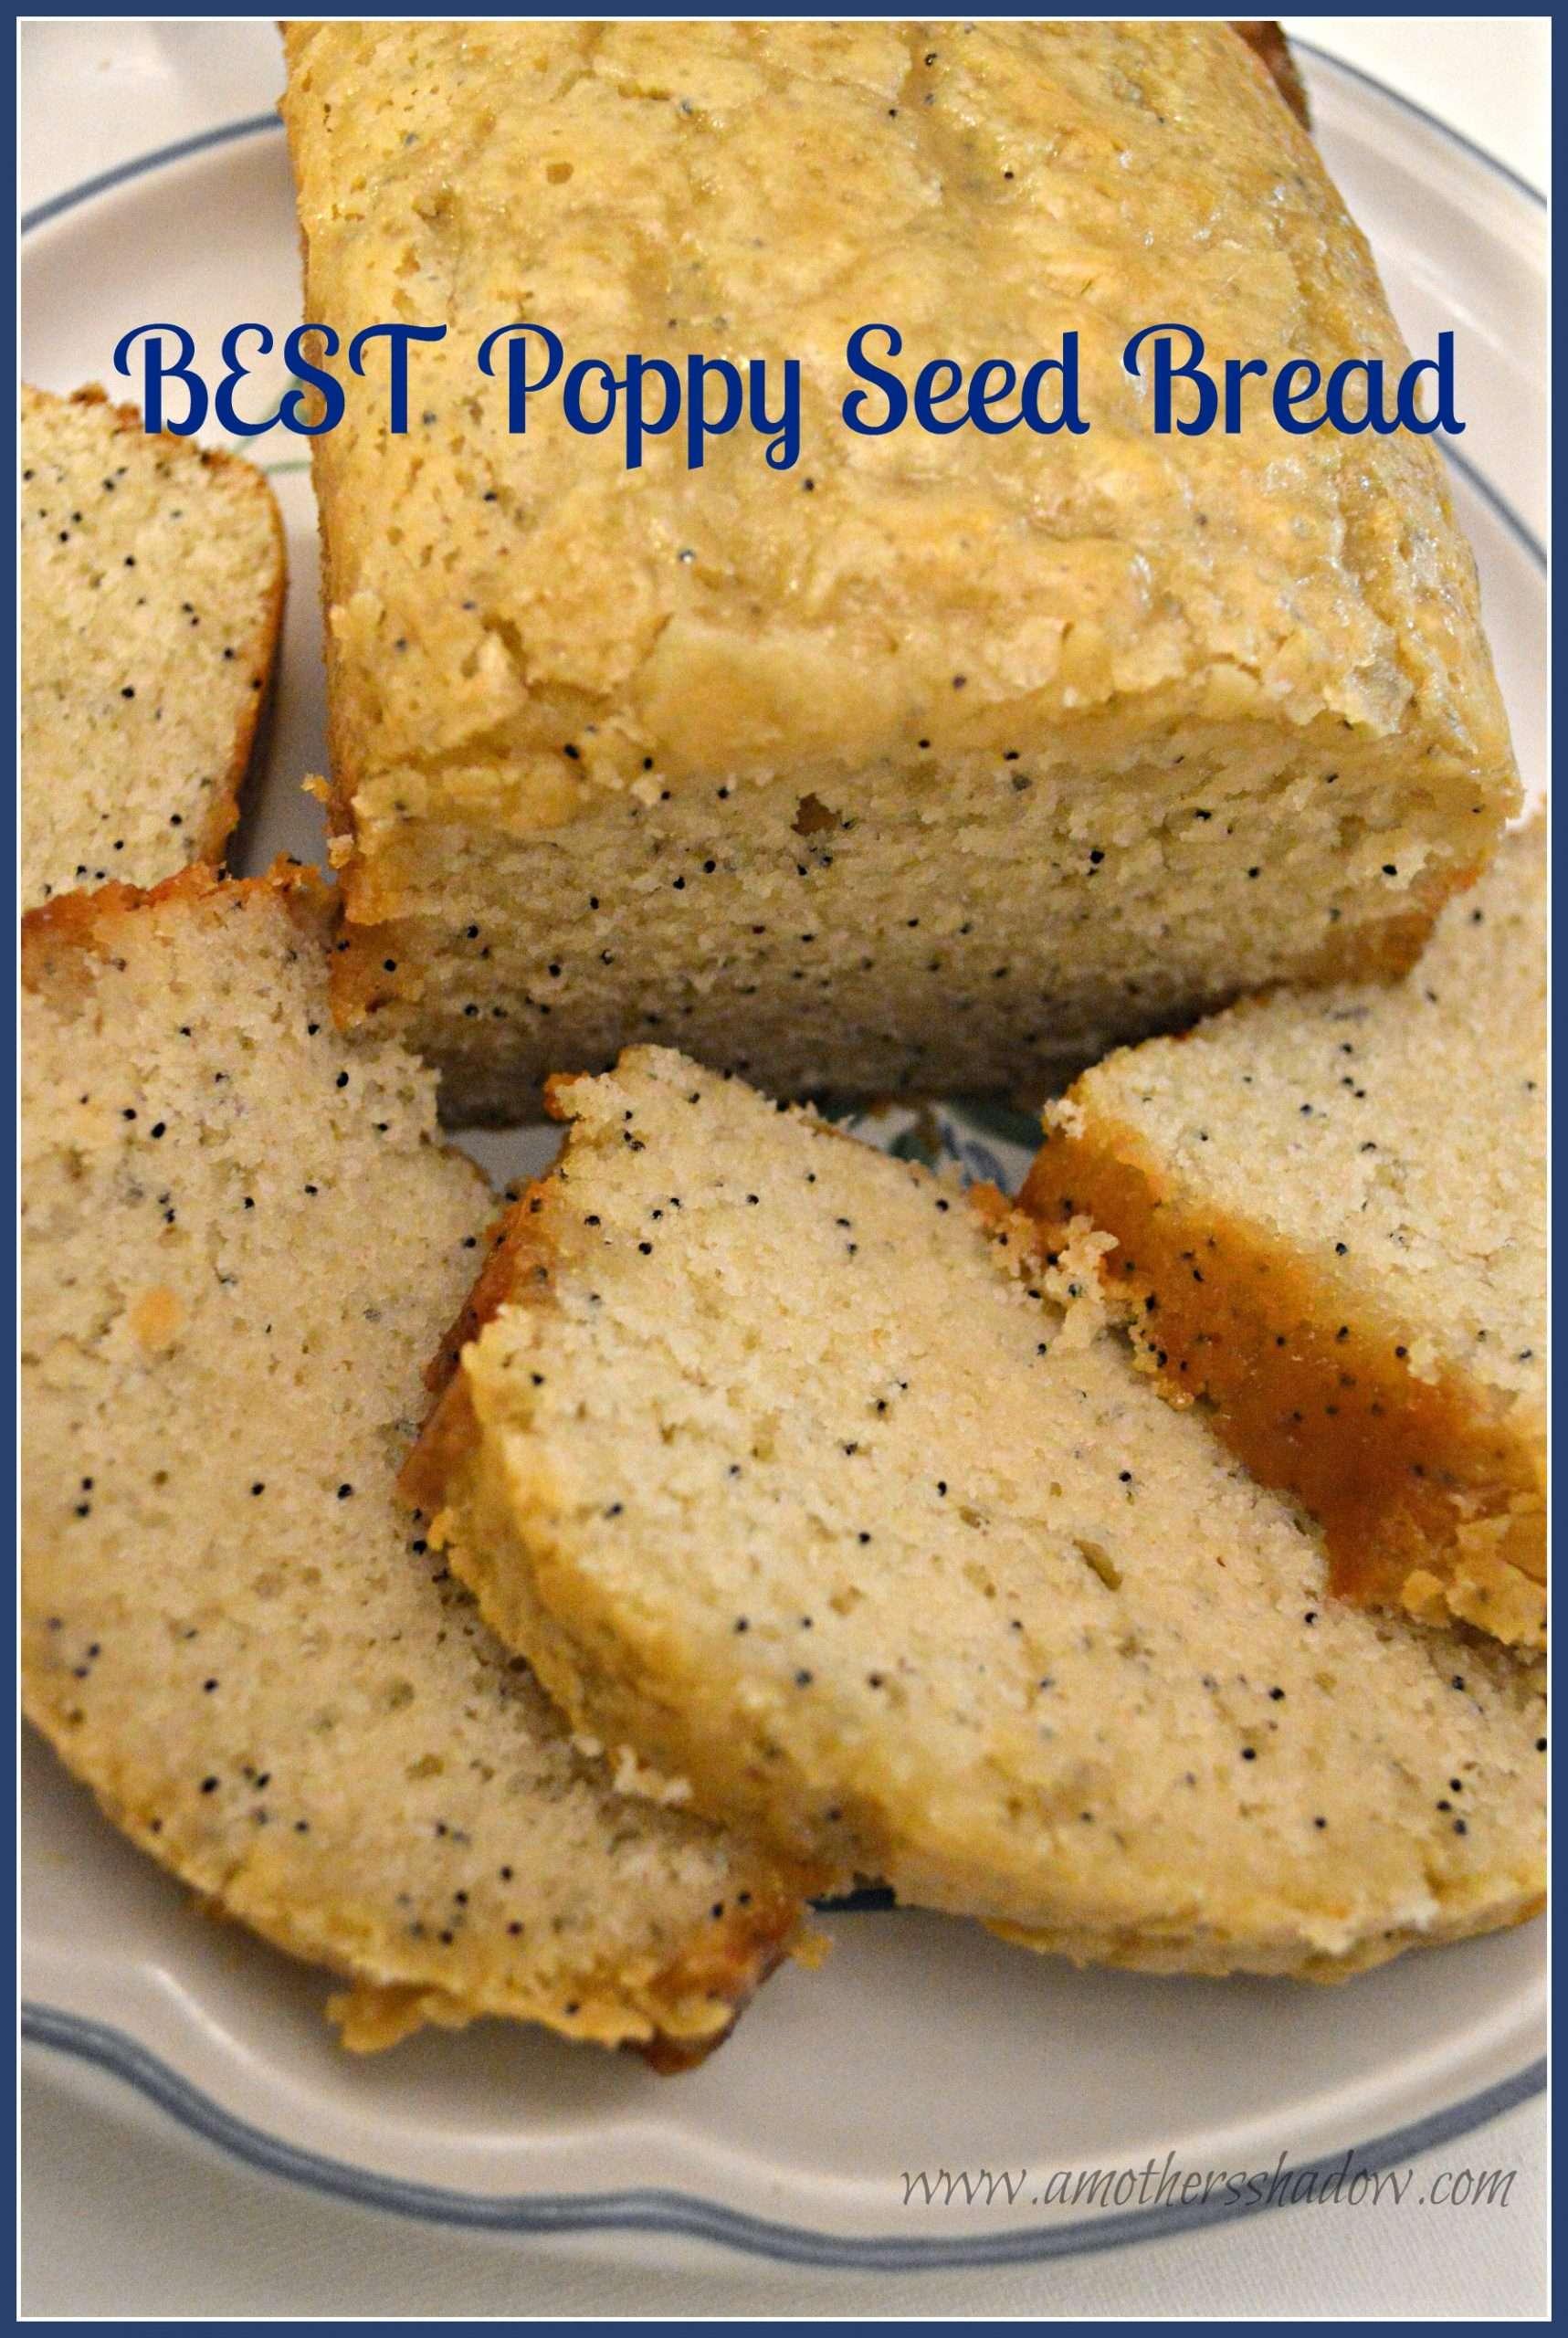 BEST Poppy Seed Bread